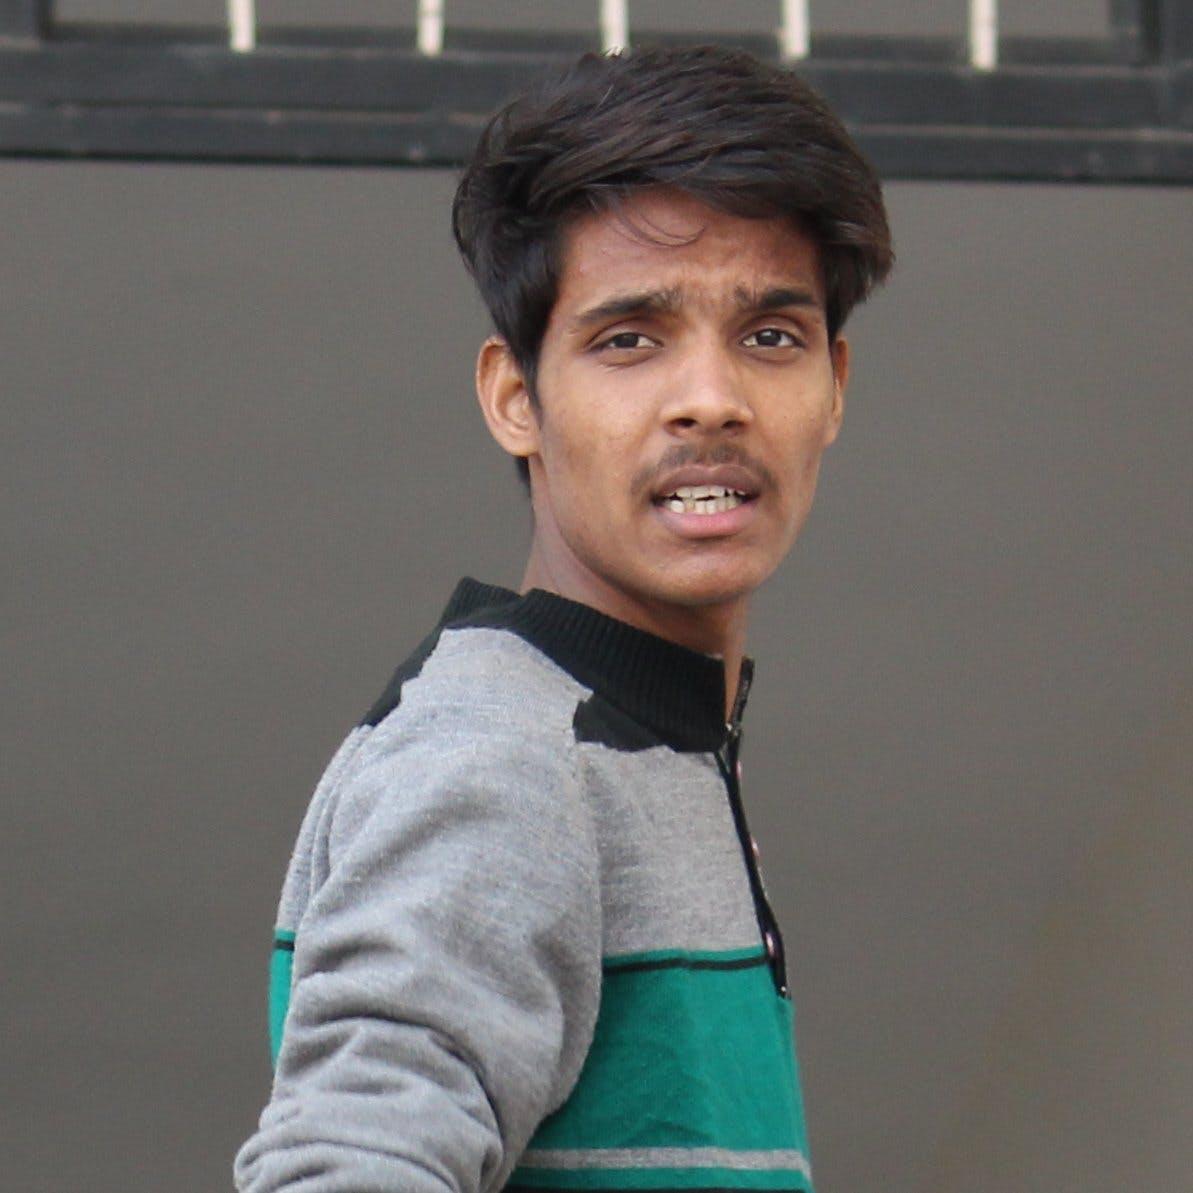 Harshit chhipa